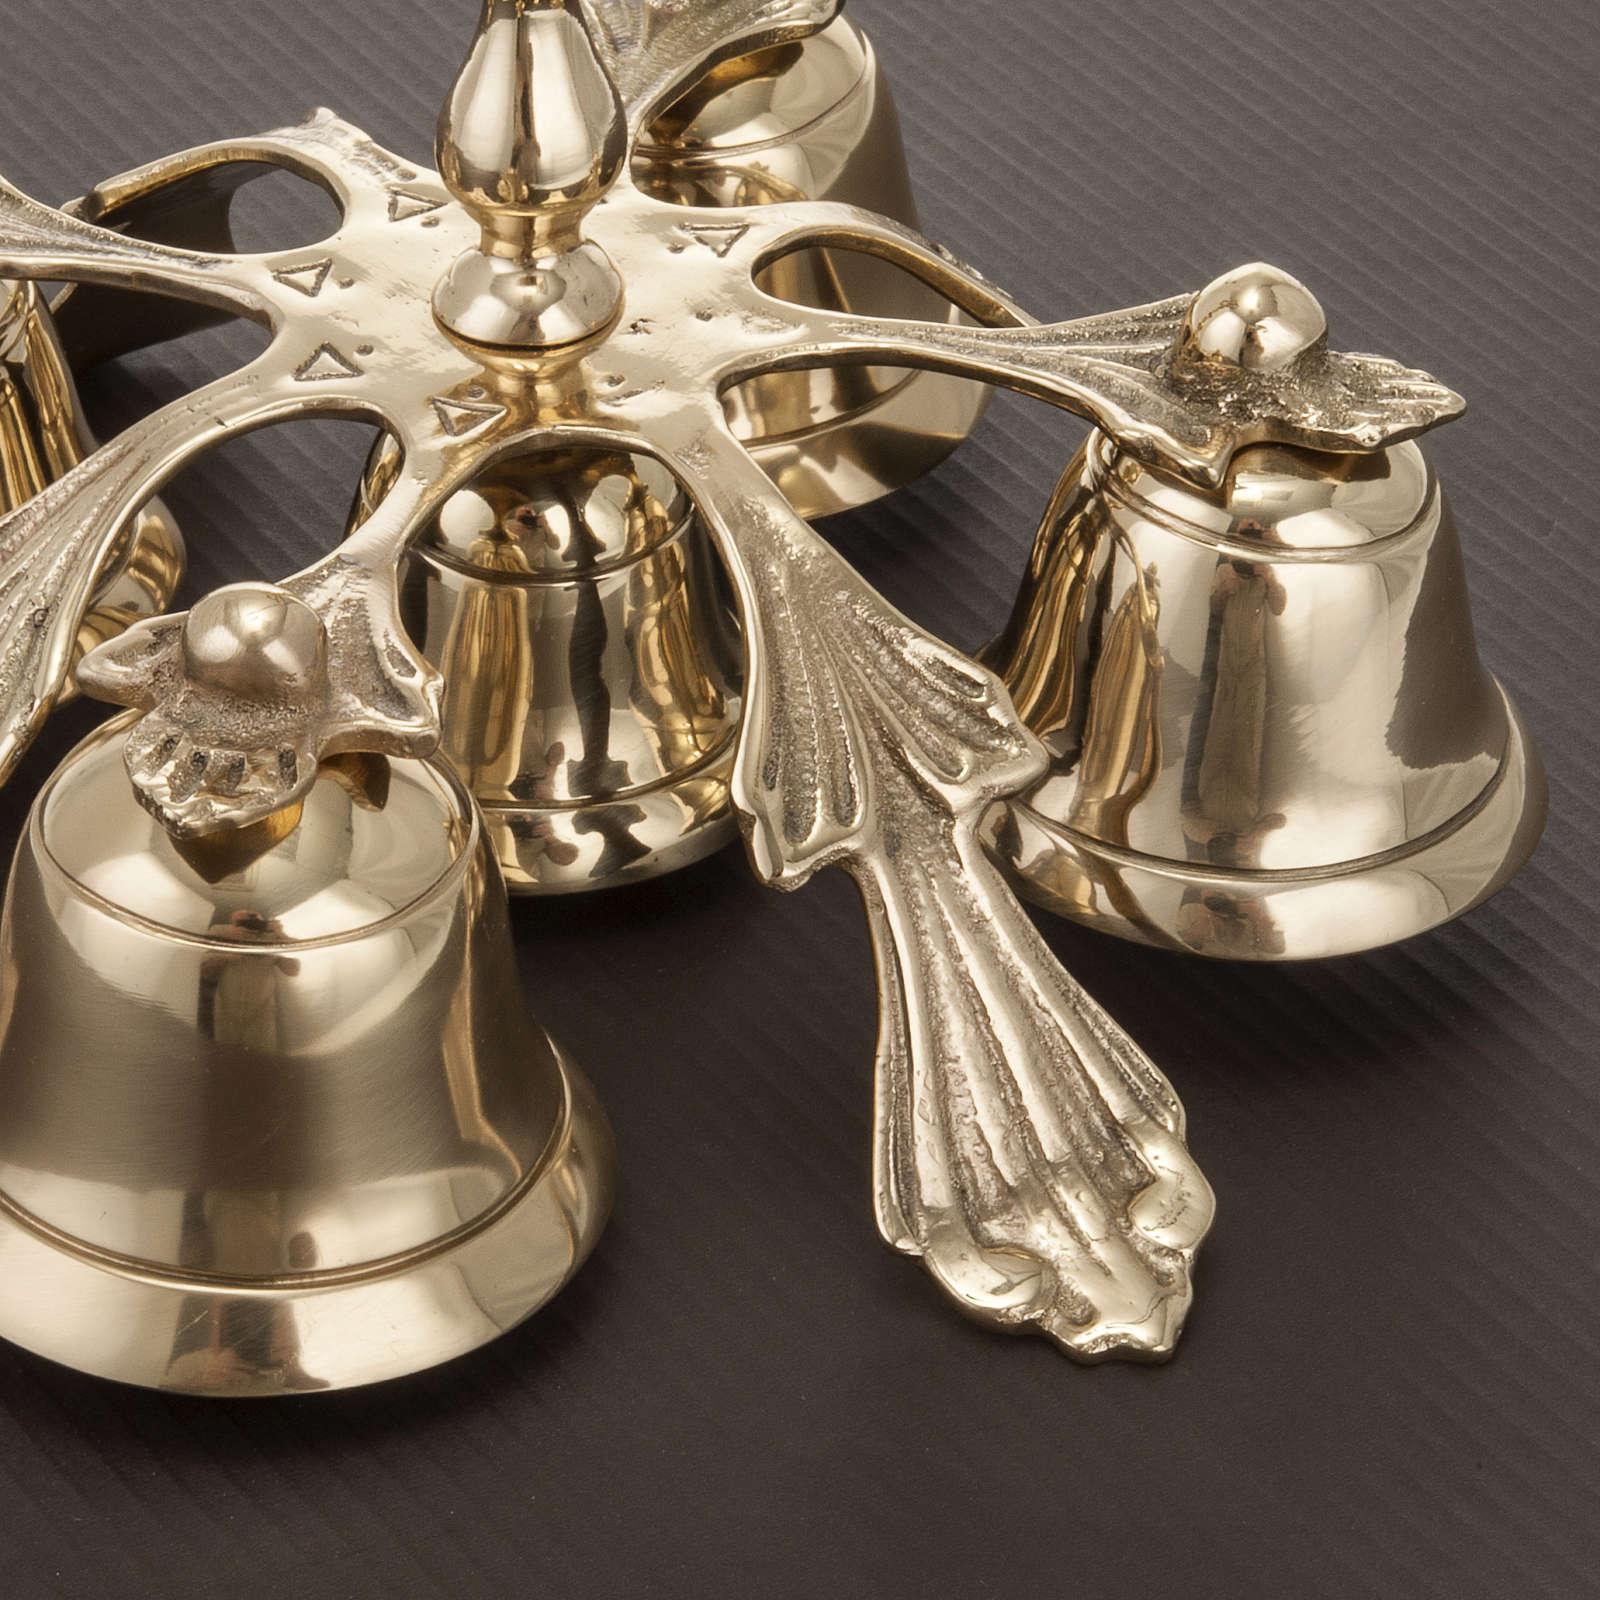 Campanello liturgico a cinque suoni decorato 3